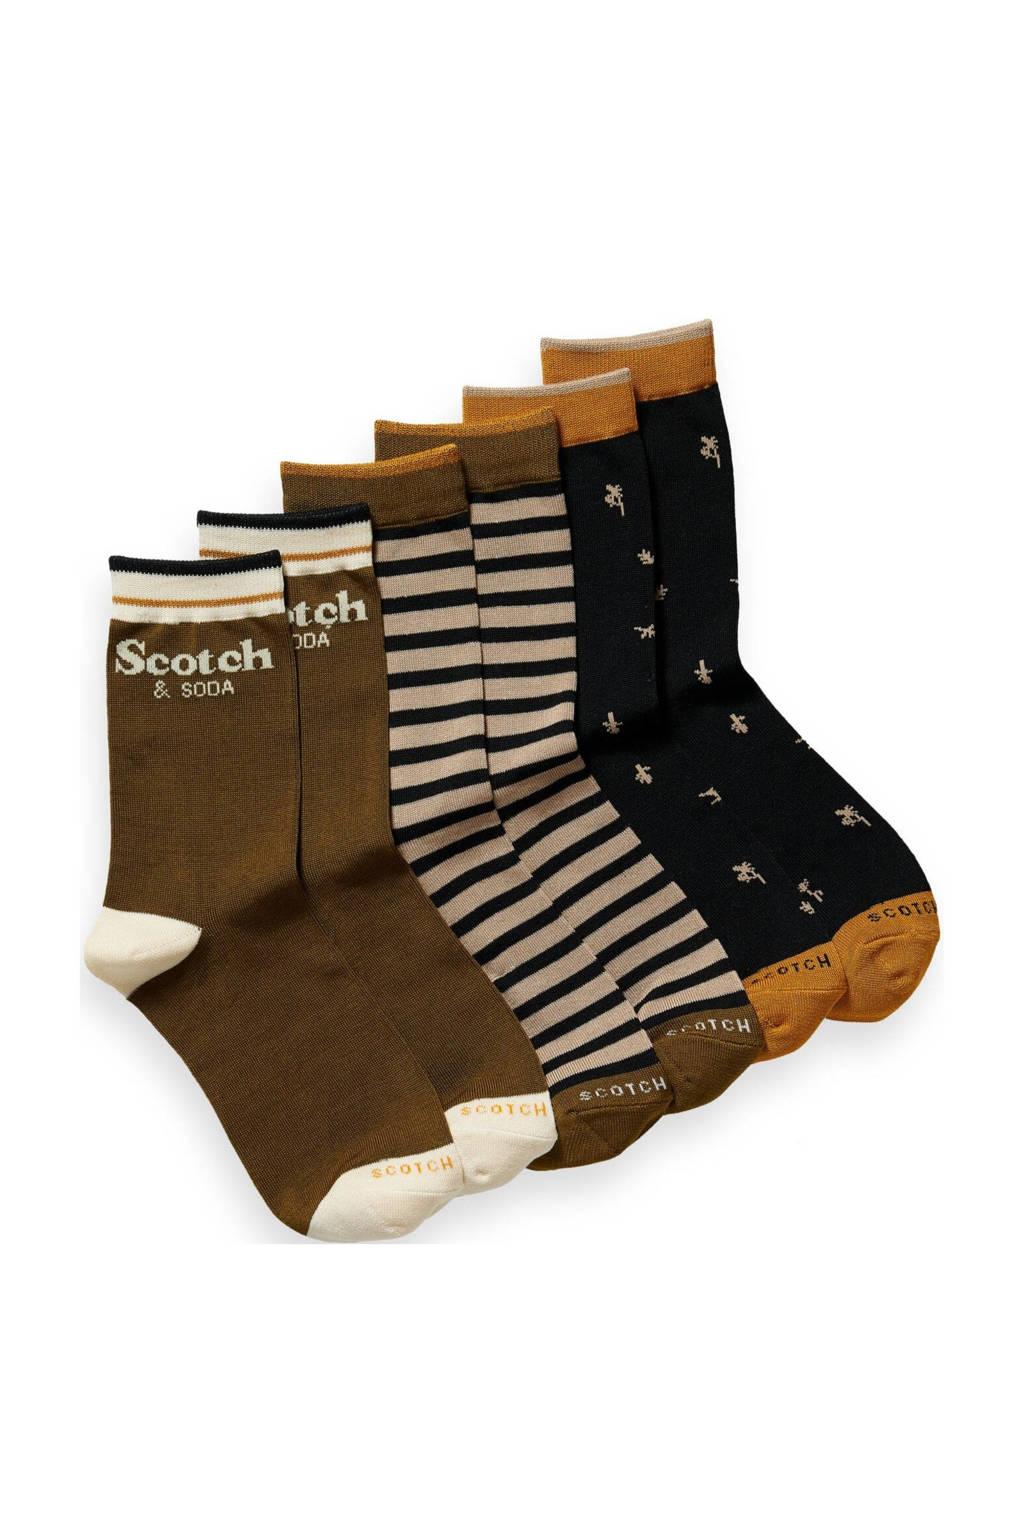 Scotch & Soda sokken - set van 3 donkerbruin, Donkerbruin